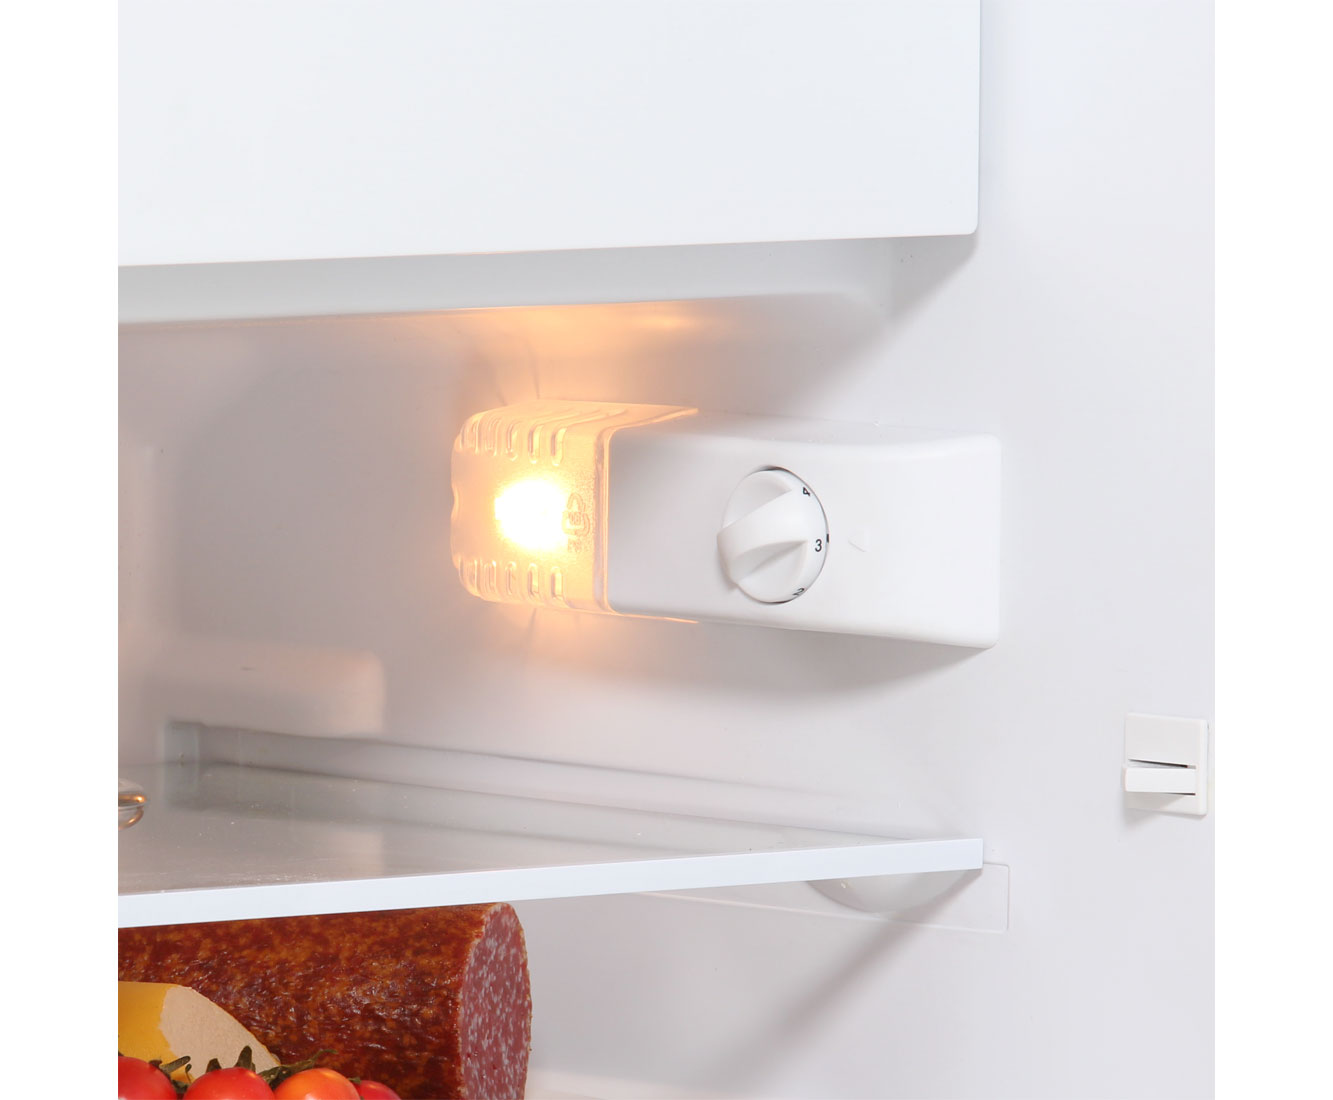 Gorenje Kühlschrank Orange : Gorenje ru 5004 a unterbau kühlschrank mit gefrierfach 82er